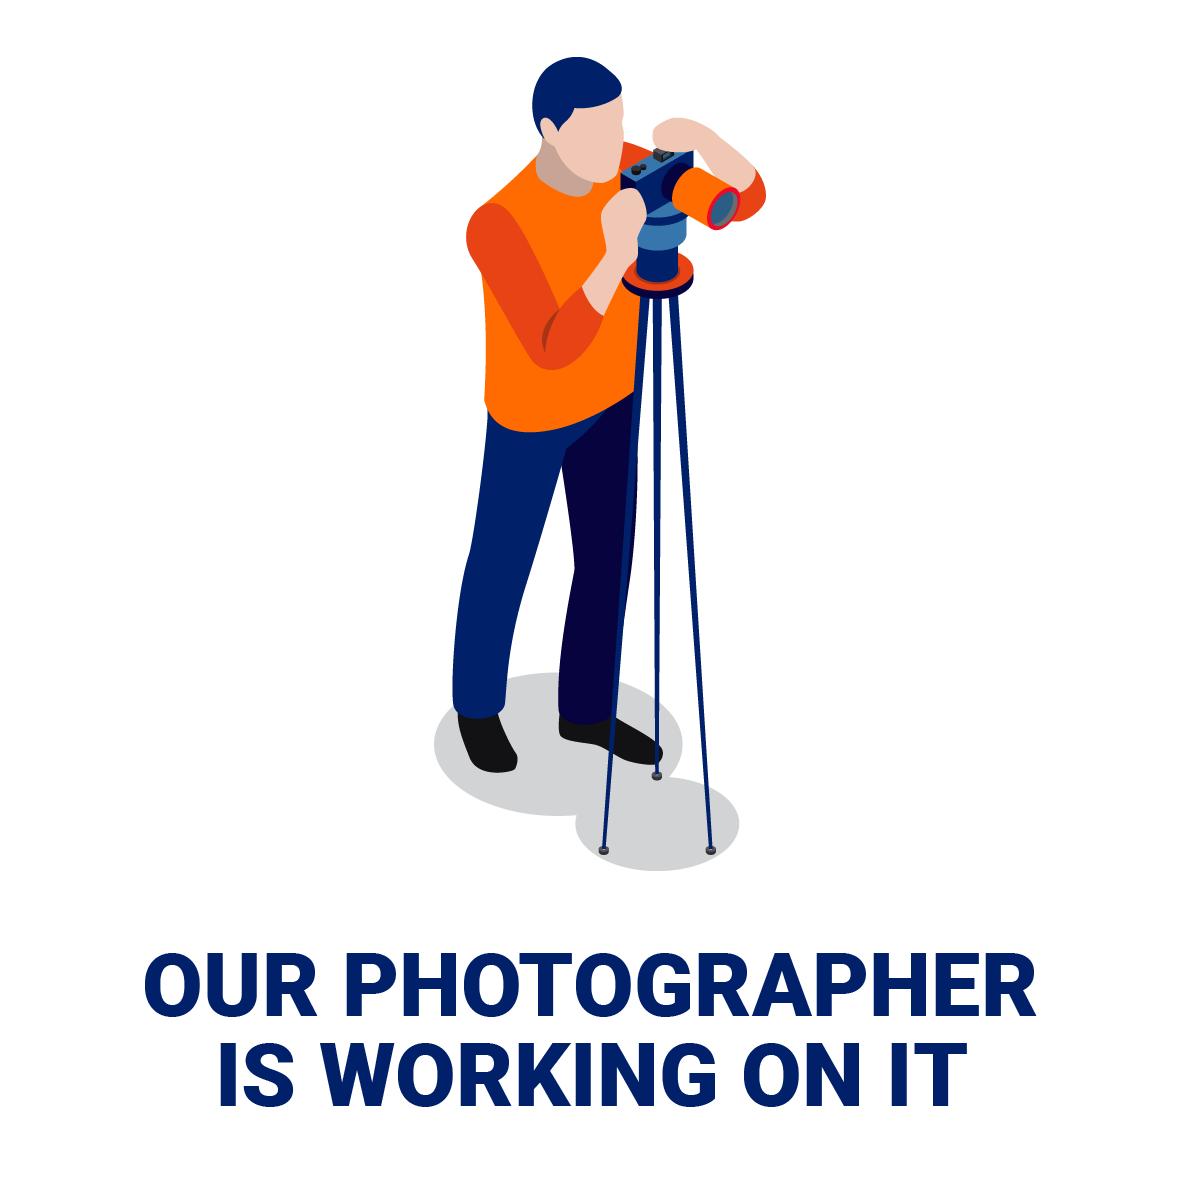 HHCJ6 2496 CORE GPU4